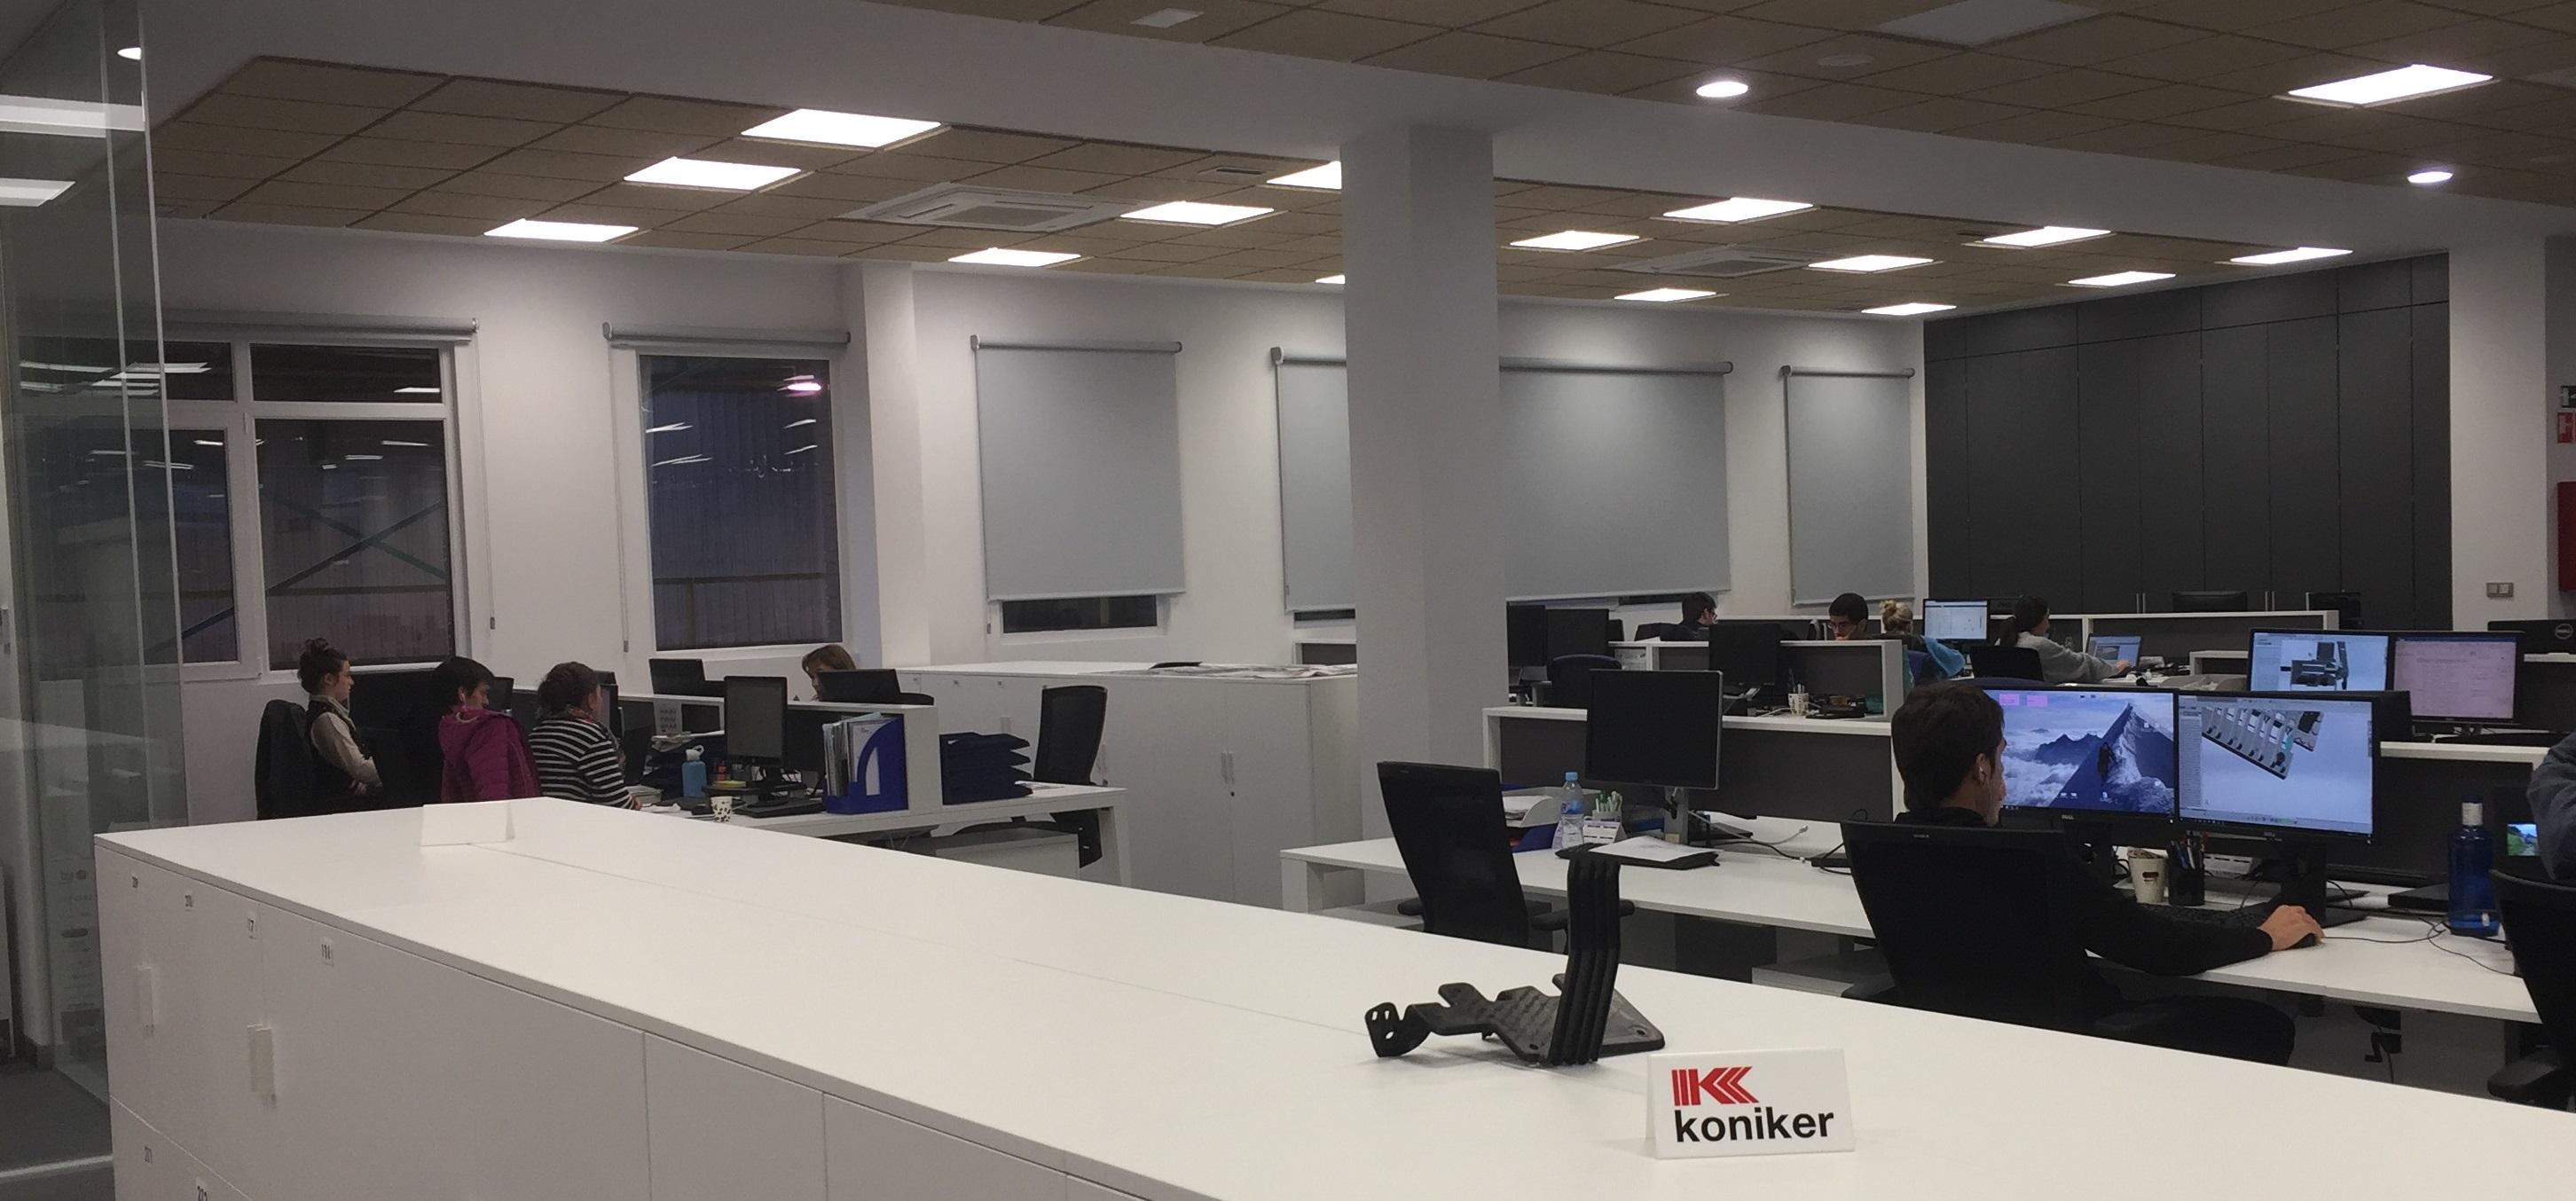 In den Einrichtungen von KONIKER in Arrasate-Mondragon (Gipuzkoa) sind insgesamt 26 Forscher tätig.